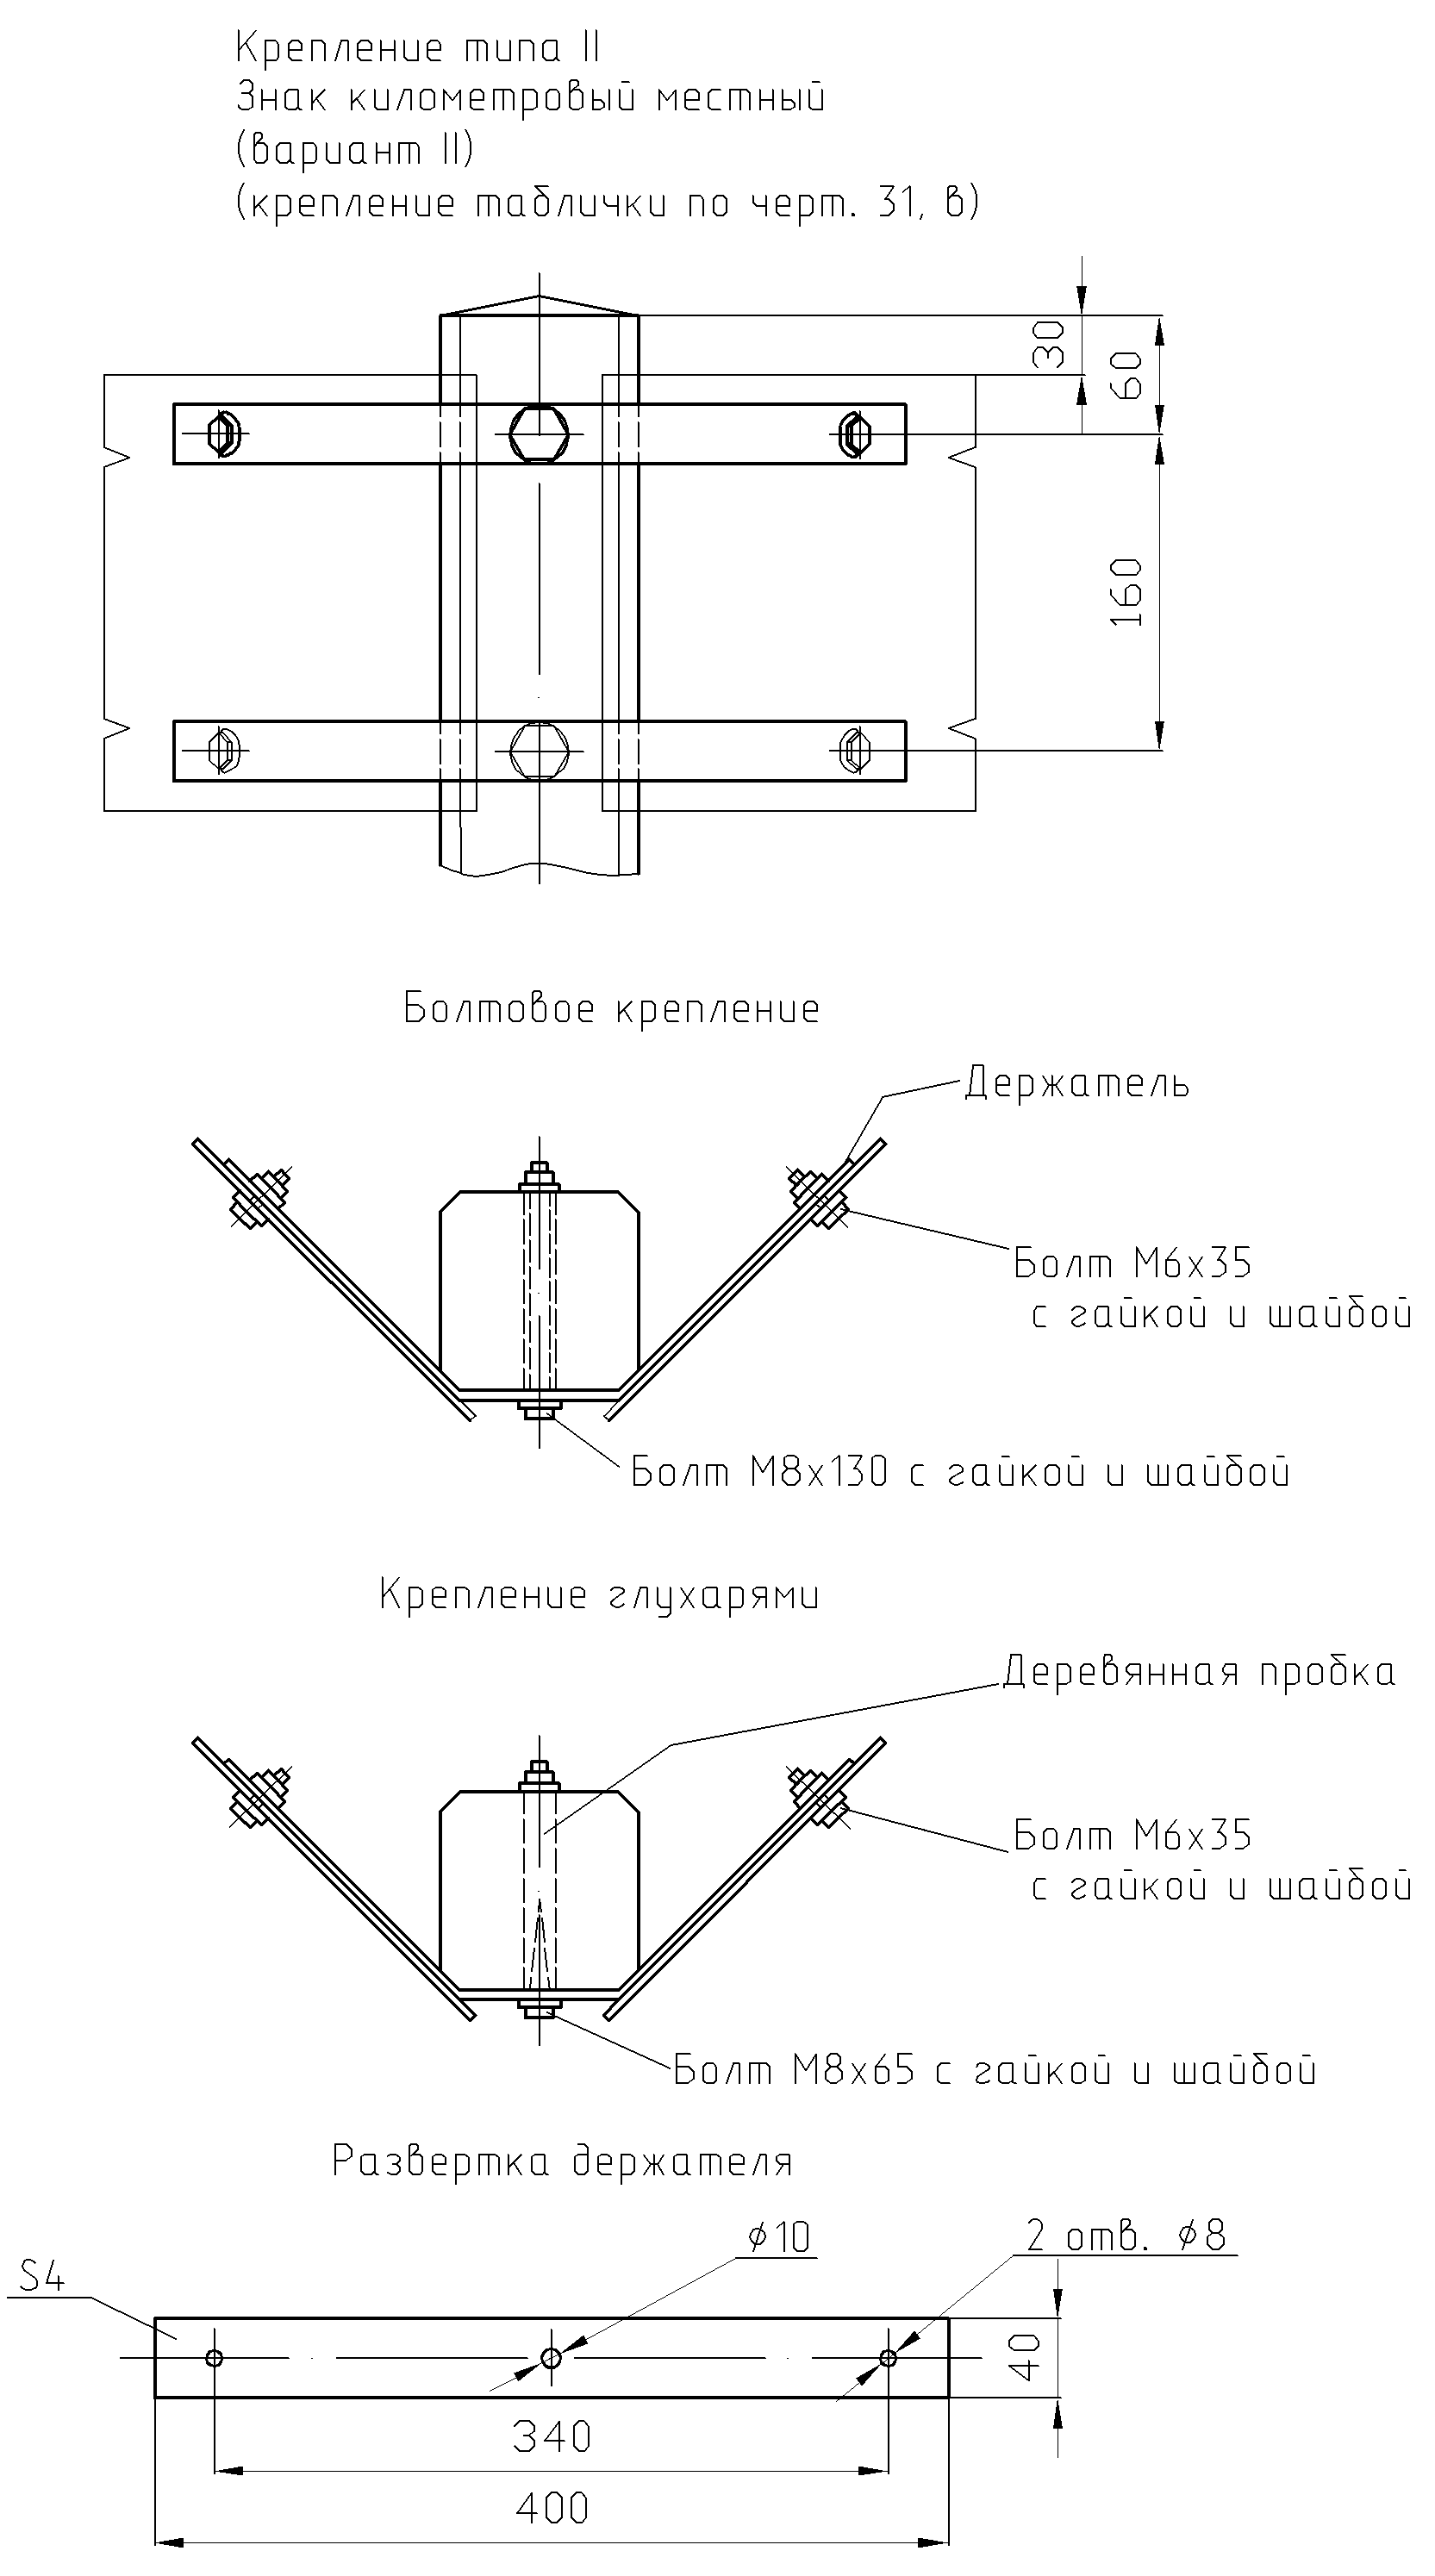 Рисунок 69. Детали крепления путевых и сигнальных знаков на столбах